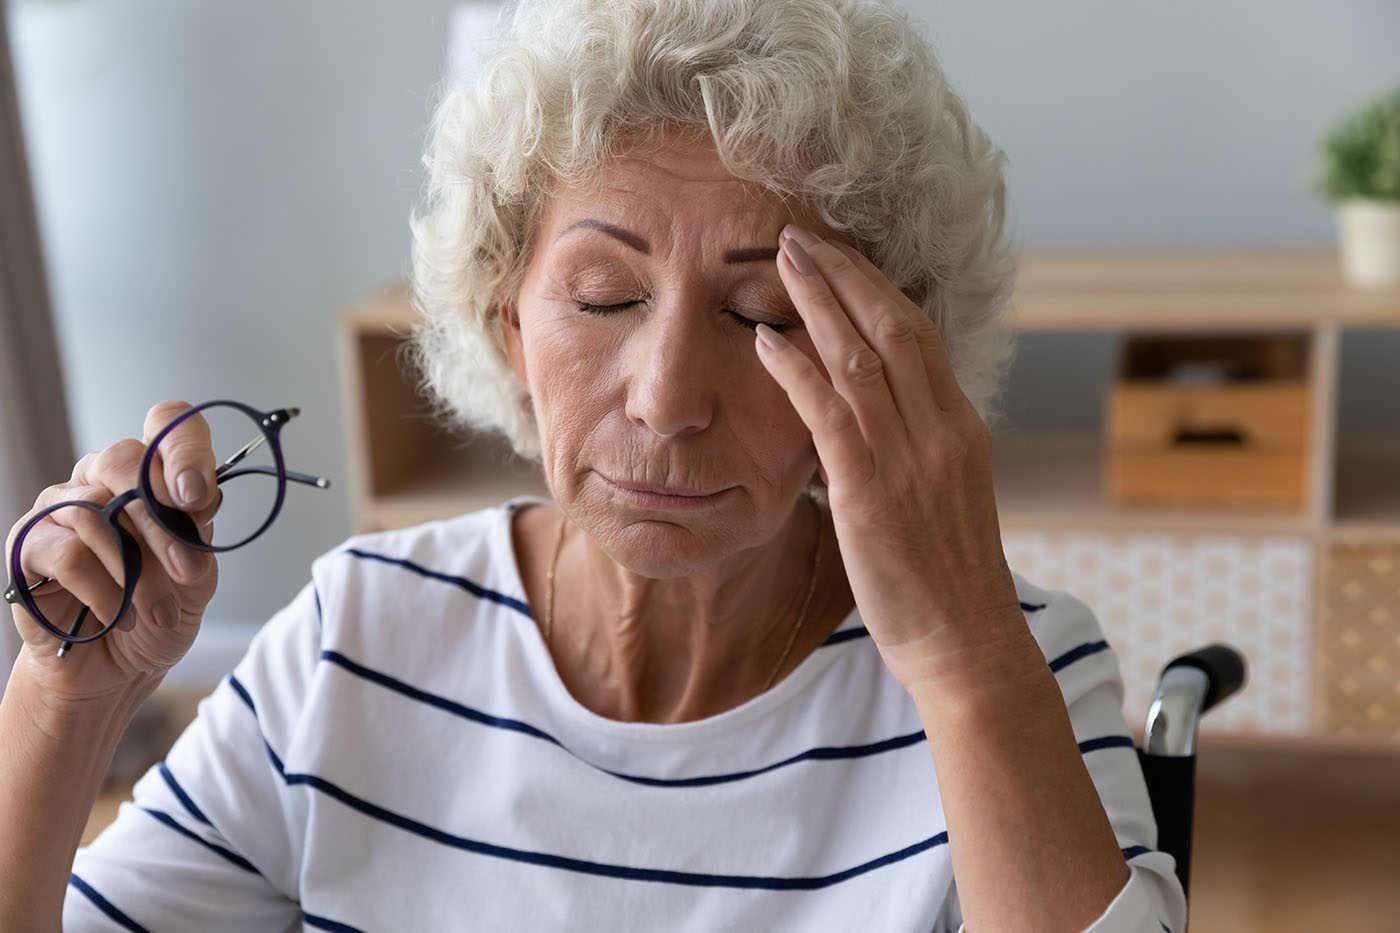 Pierderea auzului și diminuarea vederii cresc riscul de demență [studiu]